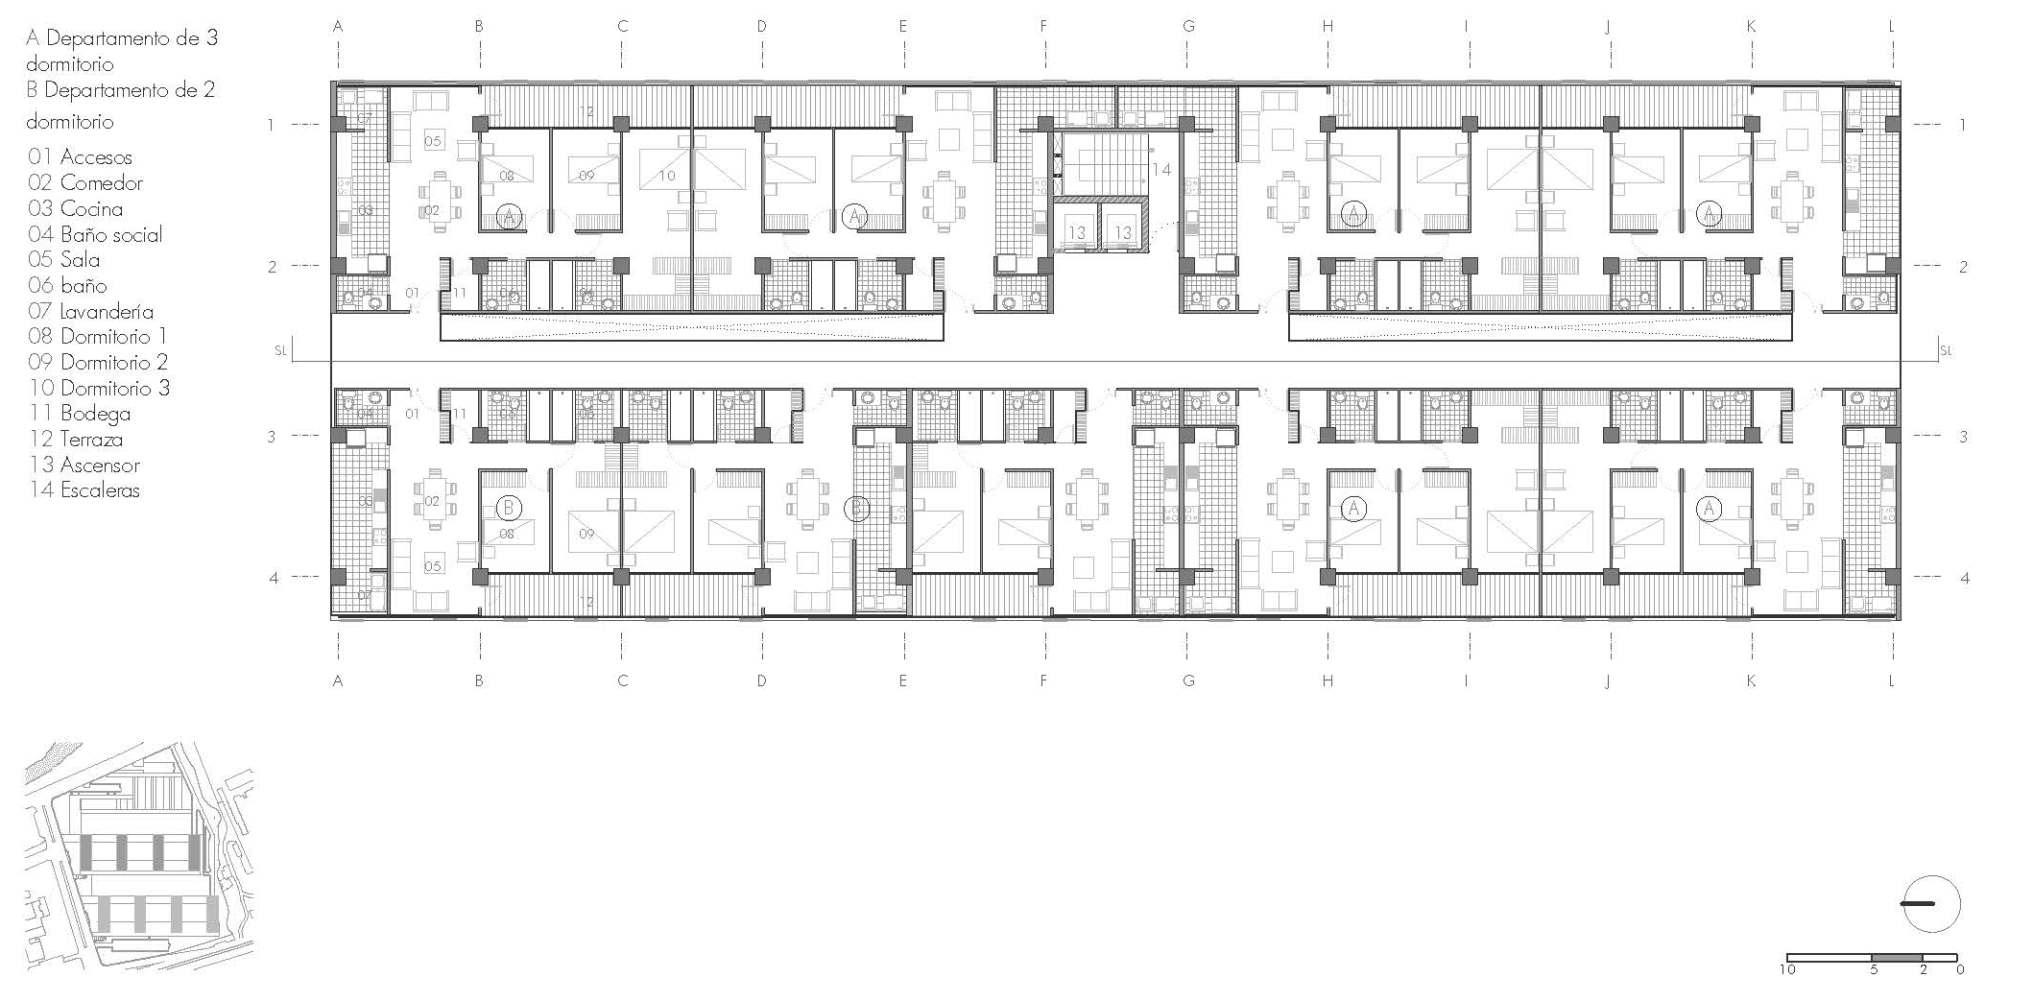 Arquitectura x estudiantes iv xavier m ndez jose for Planta arquitectonica de una oficina